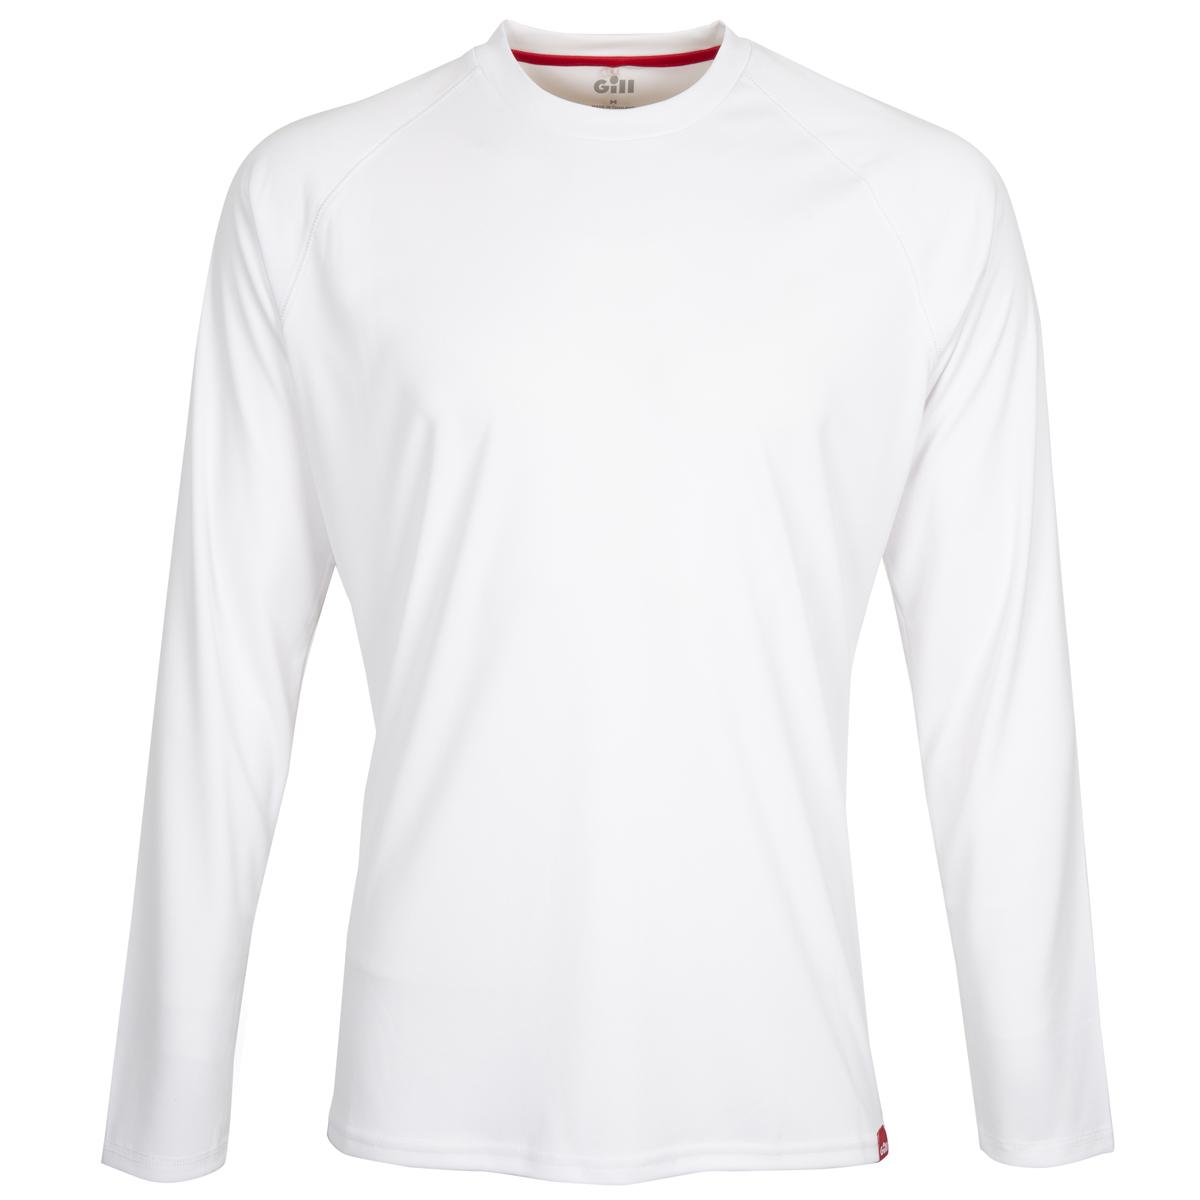 Gill Men's UV Tec Long Sleeve Tee (UV011)